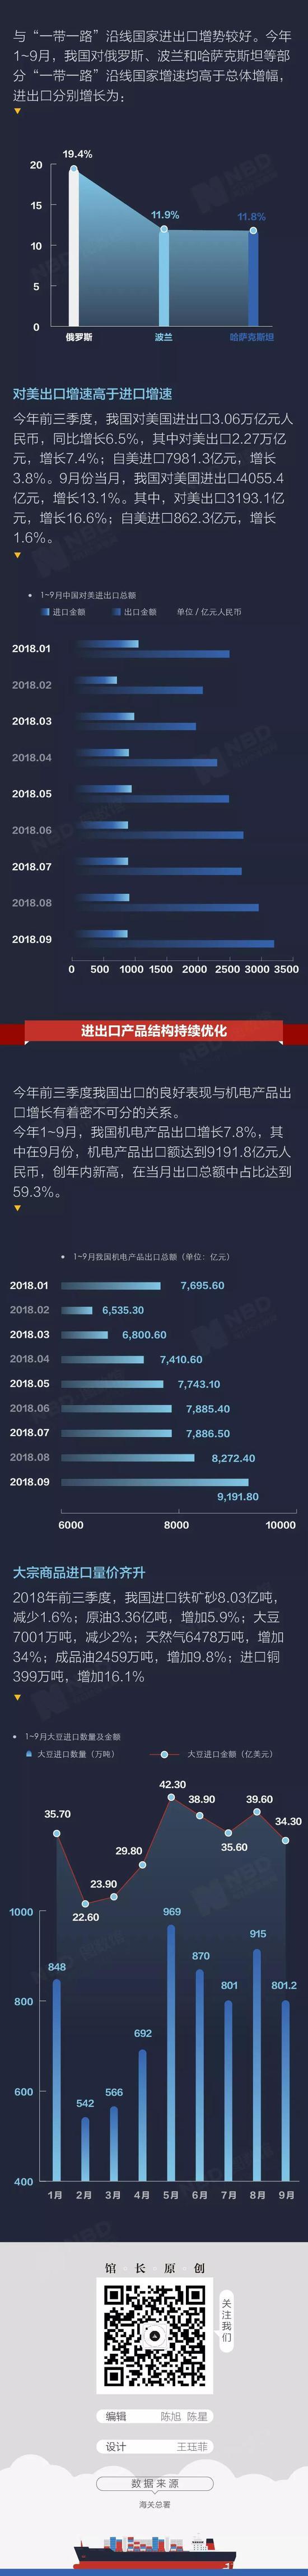 网站公告:美国打压下中国出口怎么样?最新成绩单堪称惊艳